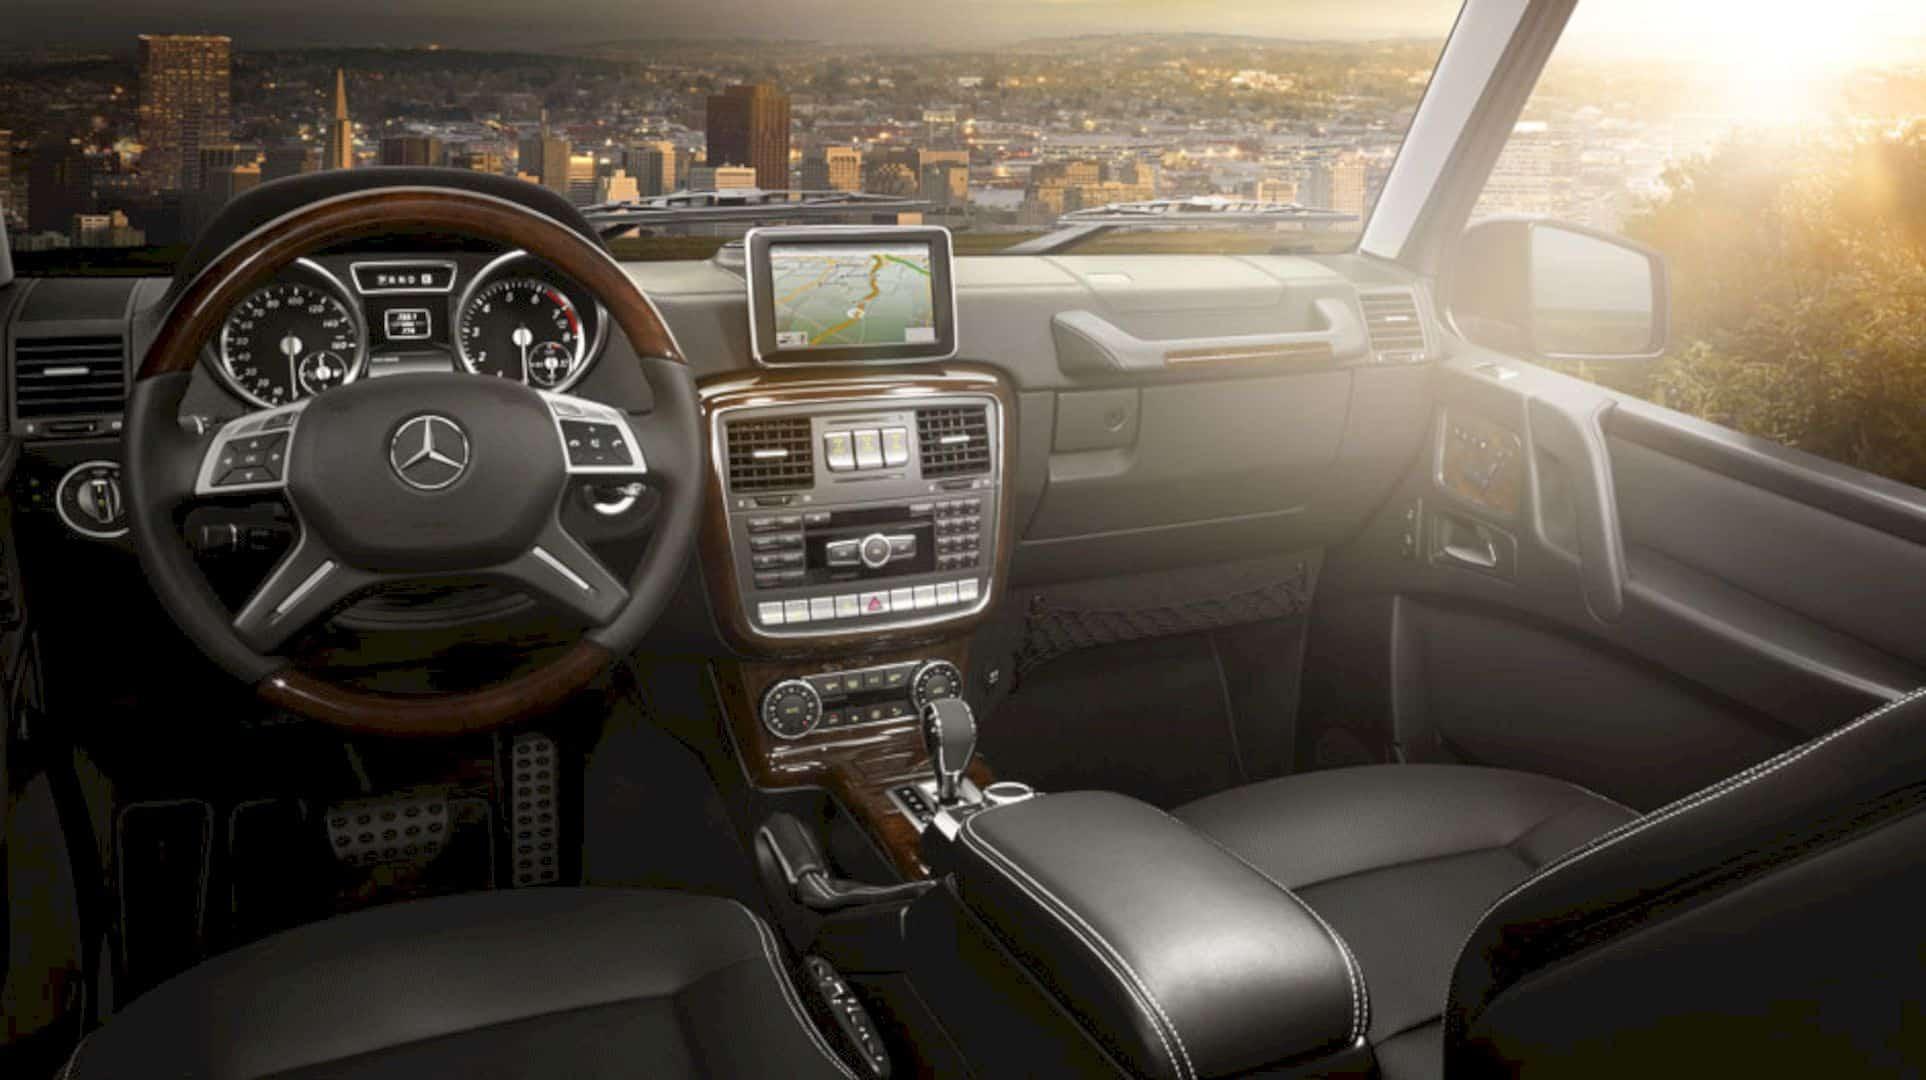 The New Mercedes Benz G Class 4